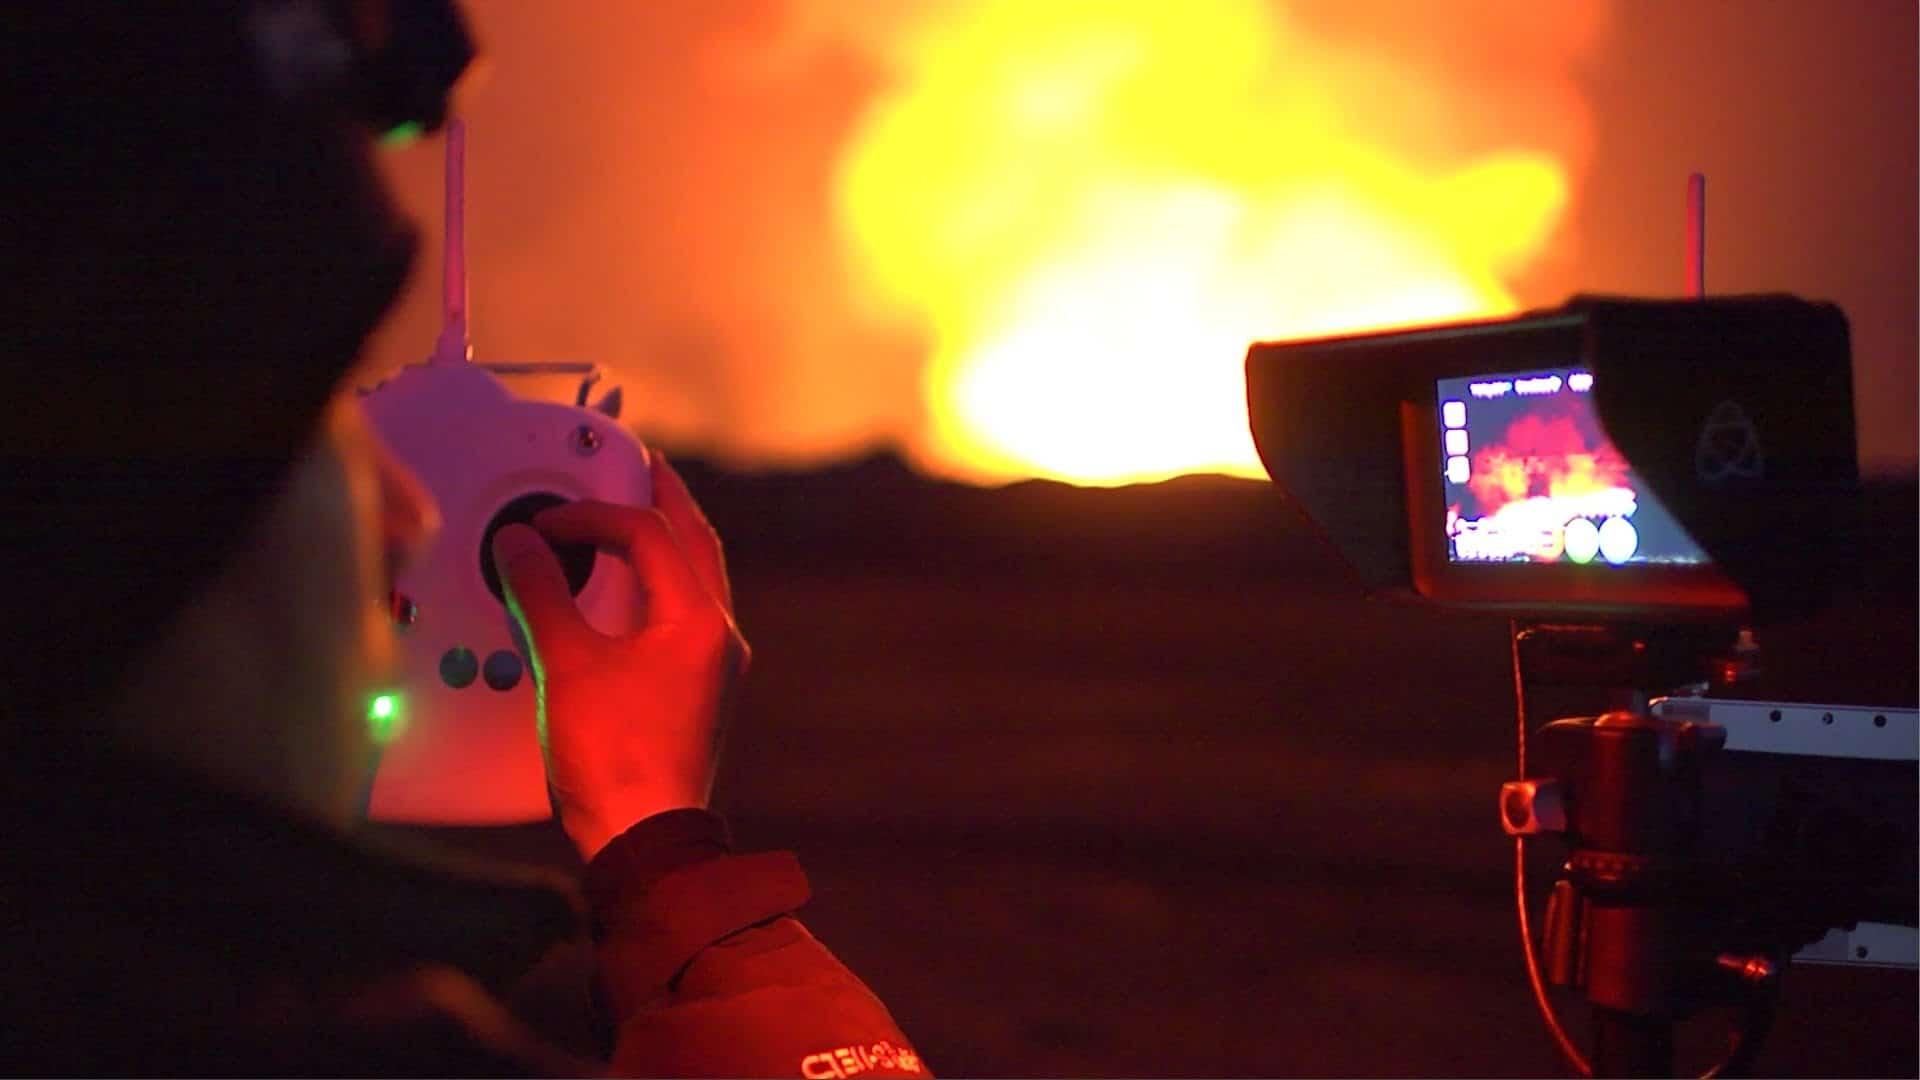 Eruption at Iceland's Bardabunga Volcano